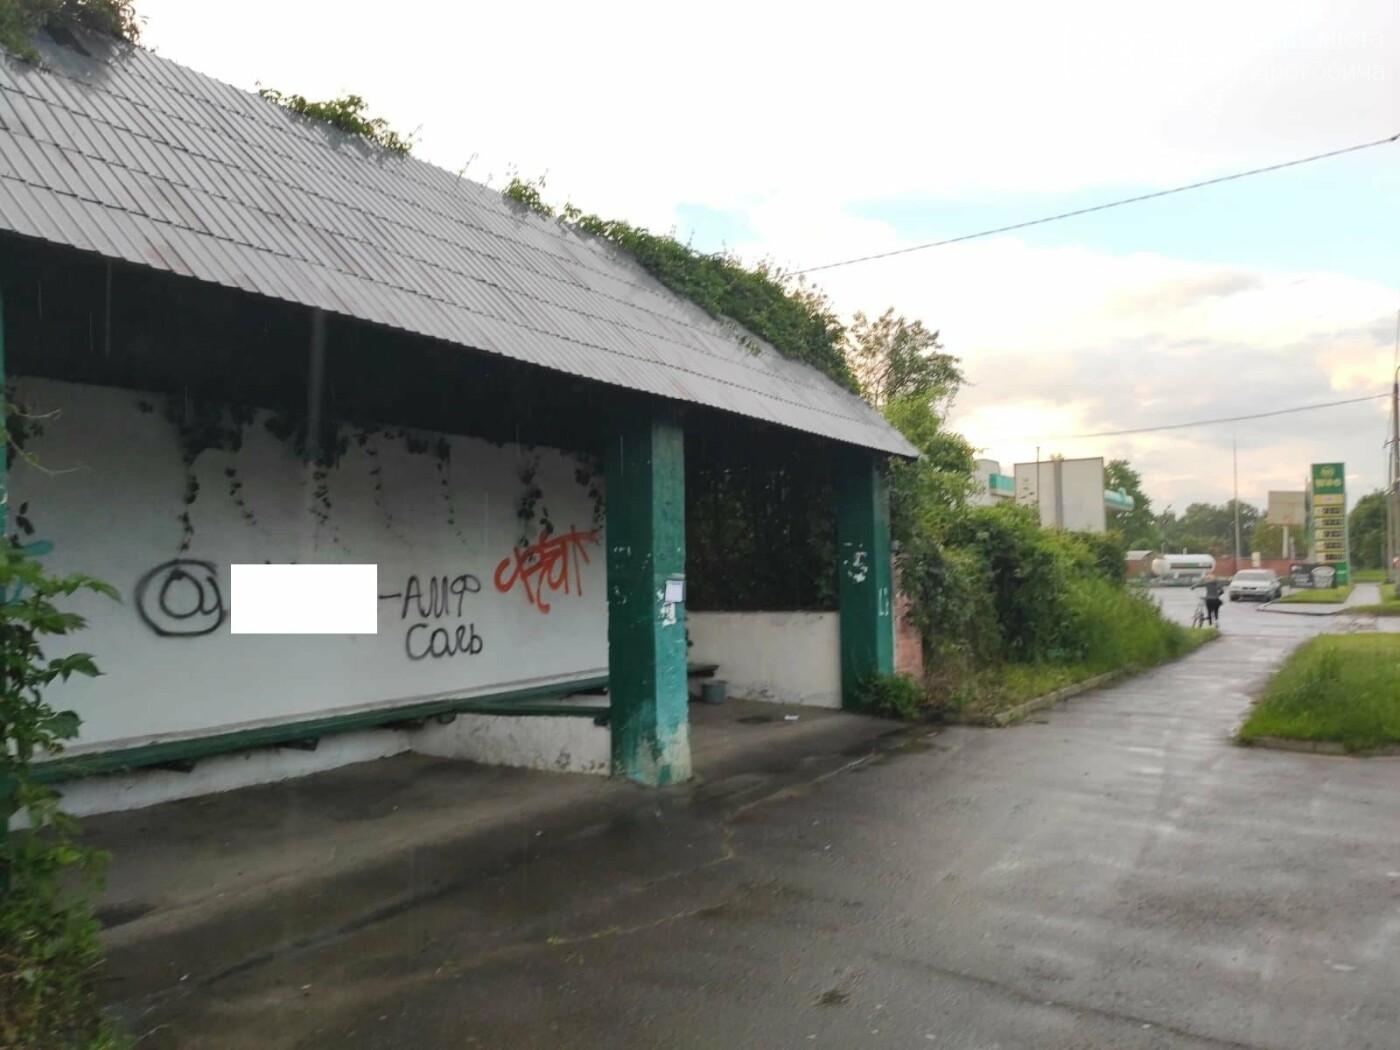 Дрогобич полонили небезпечні графіті: за електронними адресами пропонують придбати дурман-зілля, фото-1